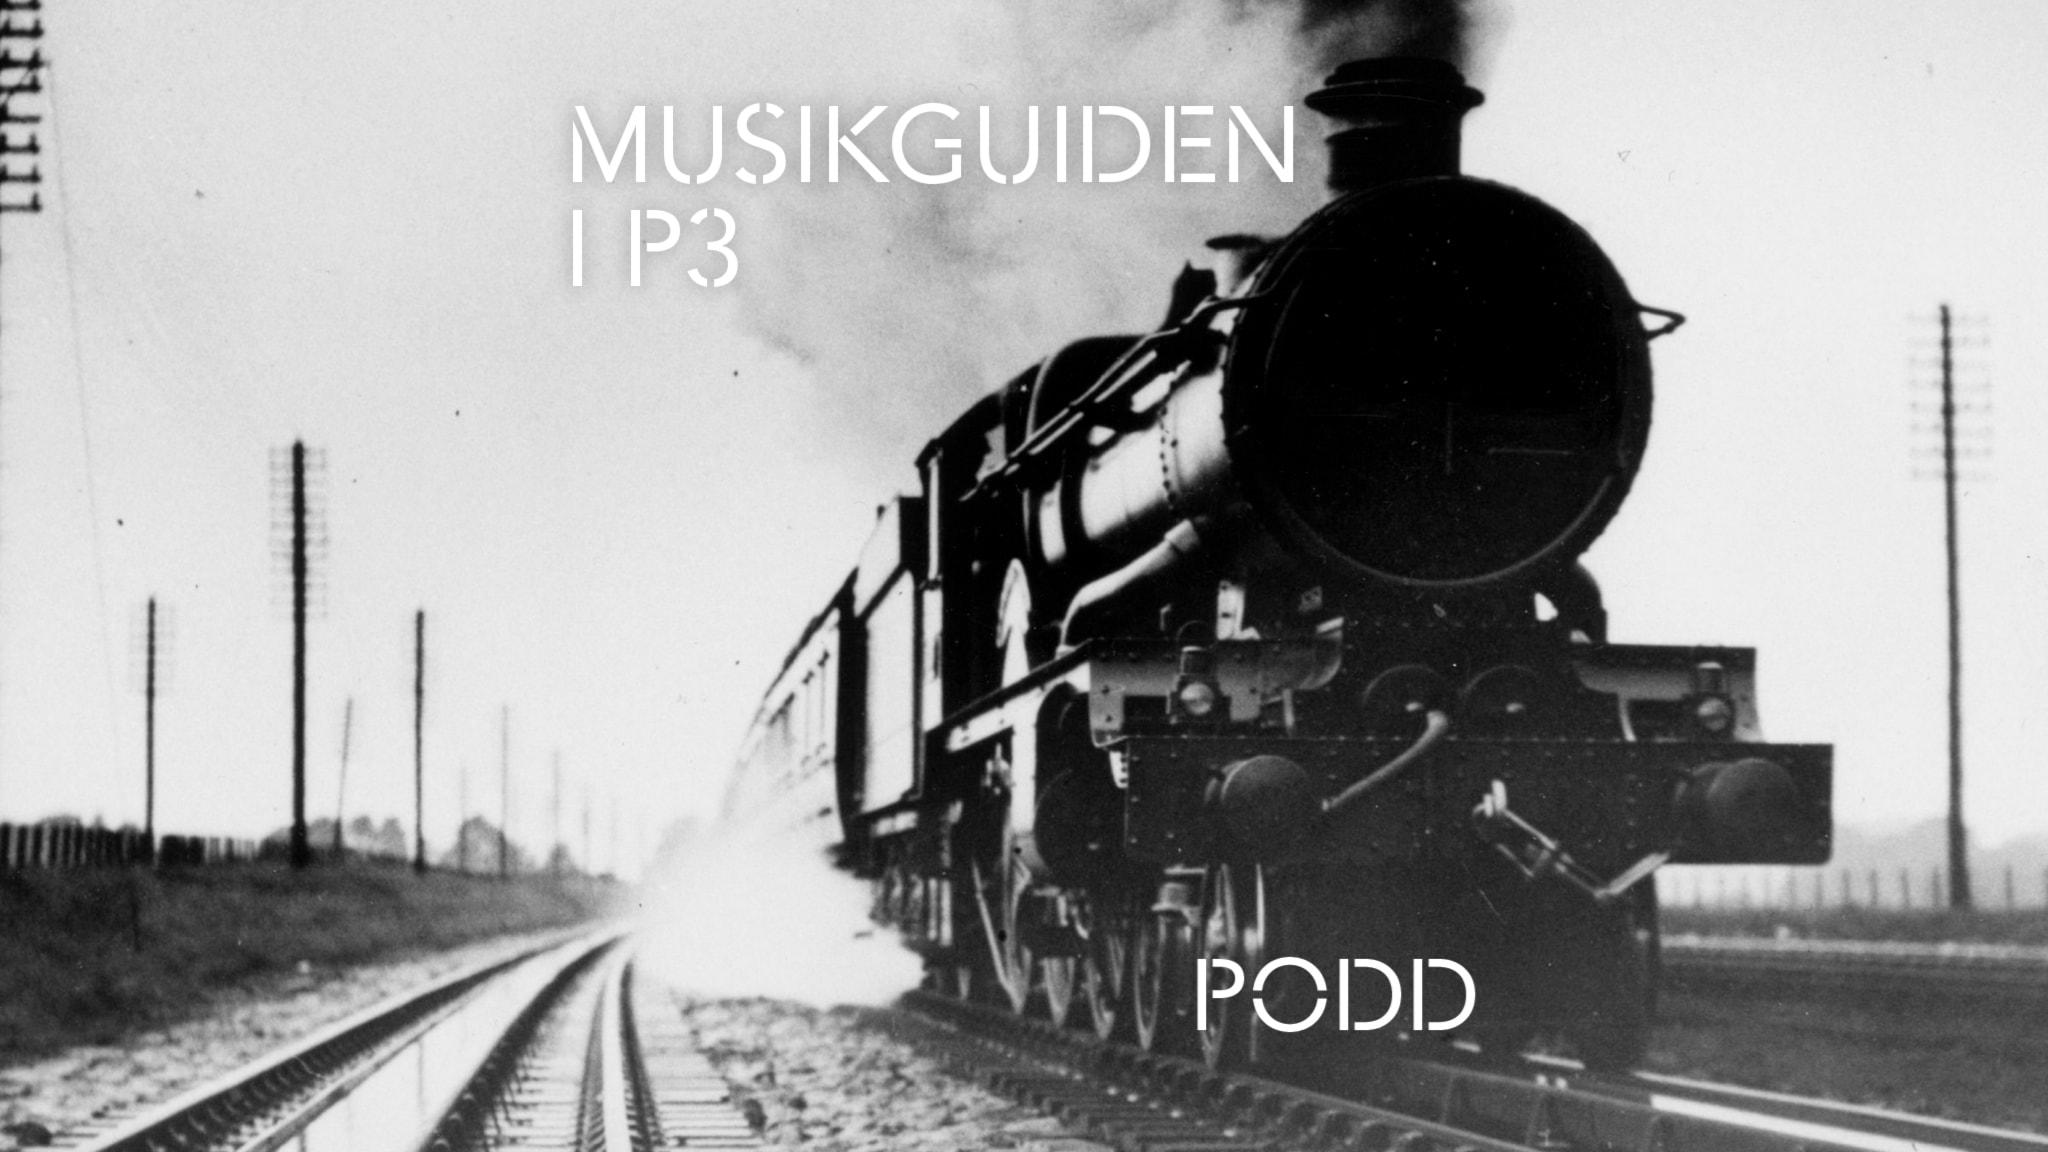 8. Järnvägens musik - Varför finns det så många låtar om tåg?